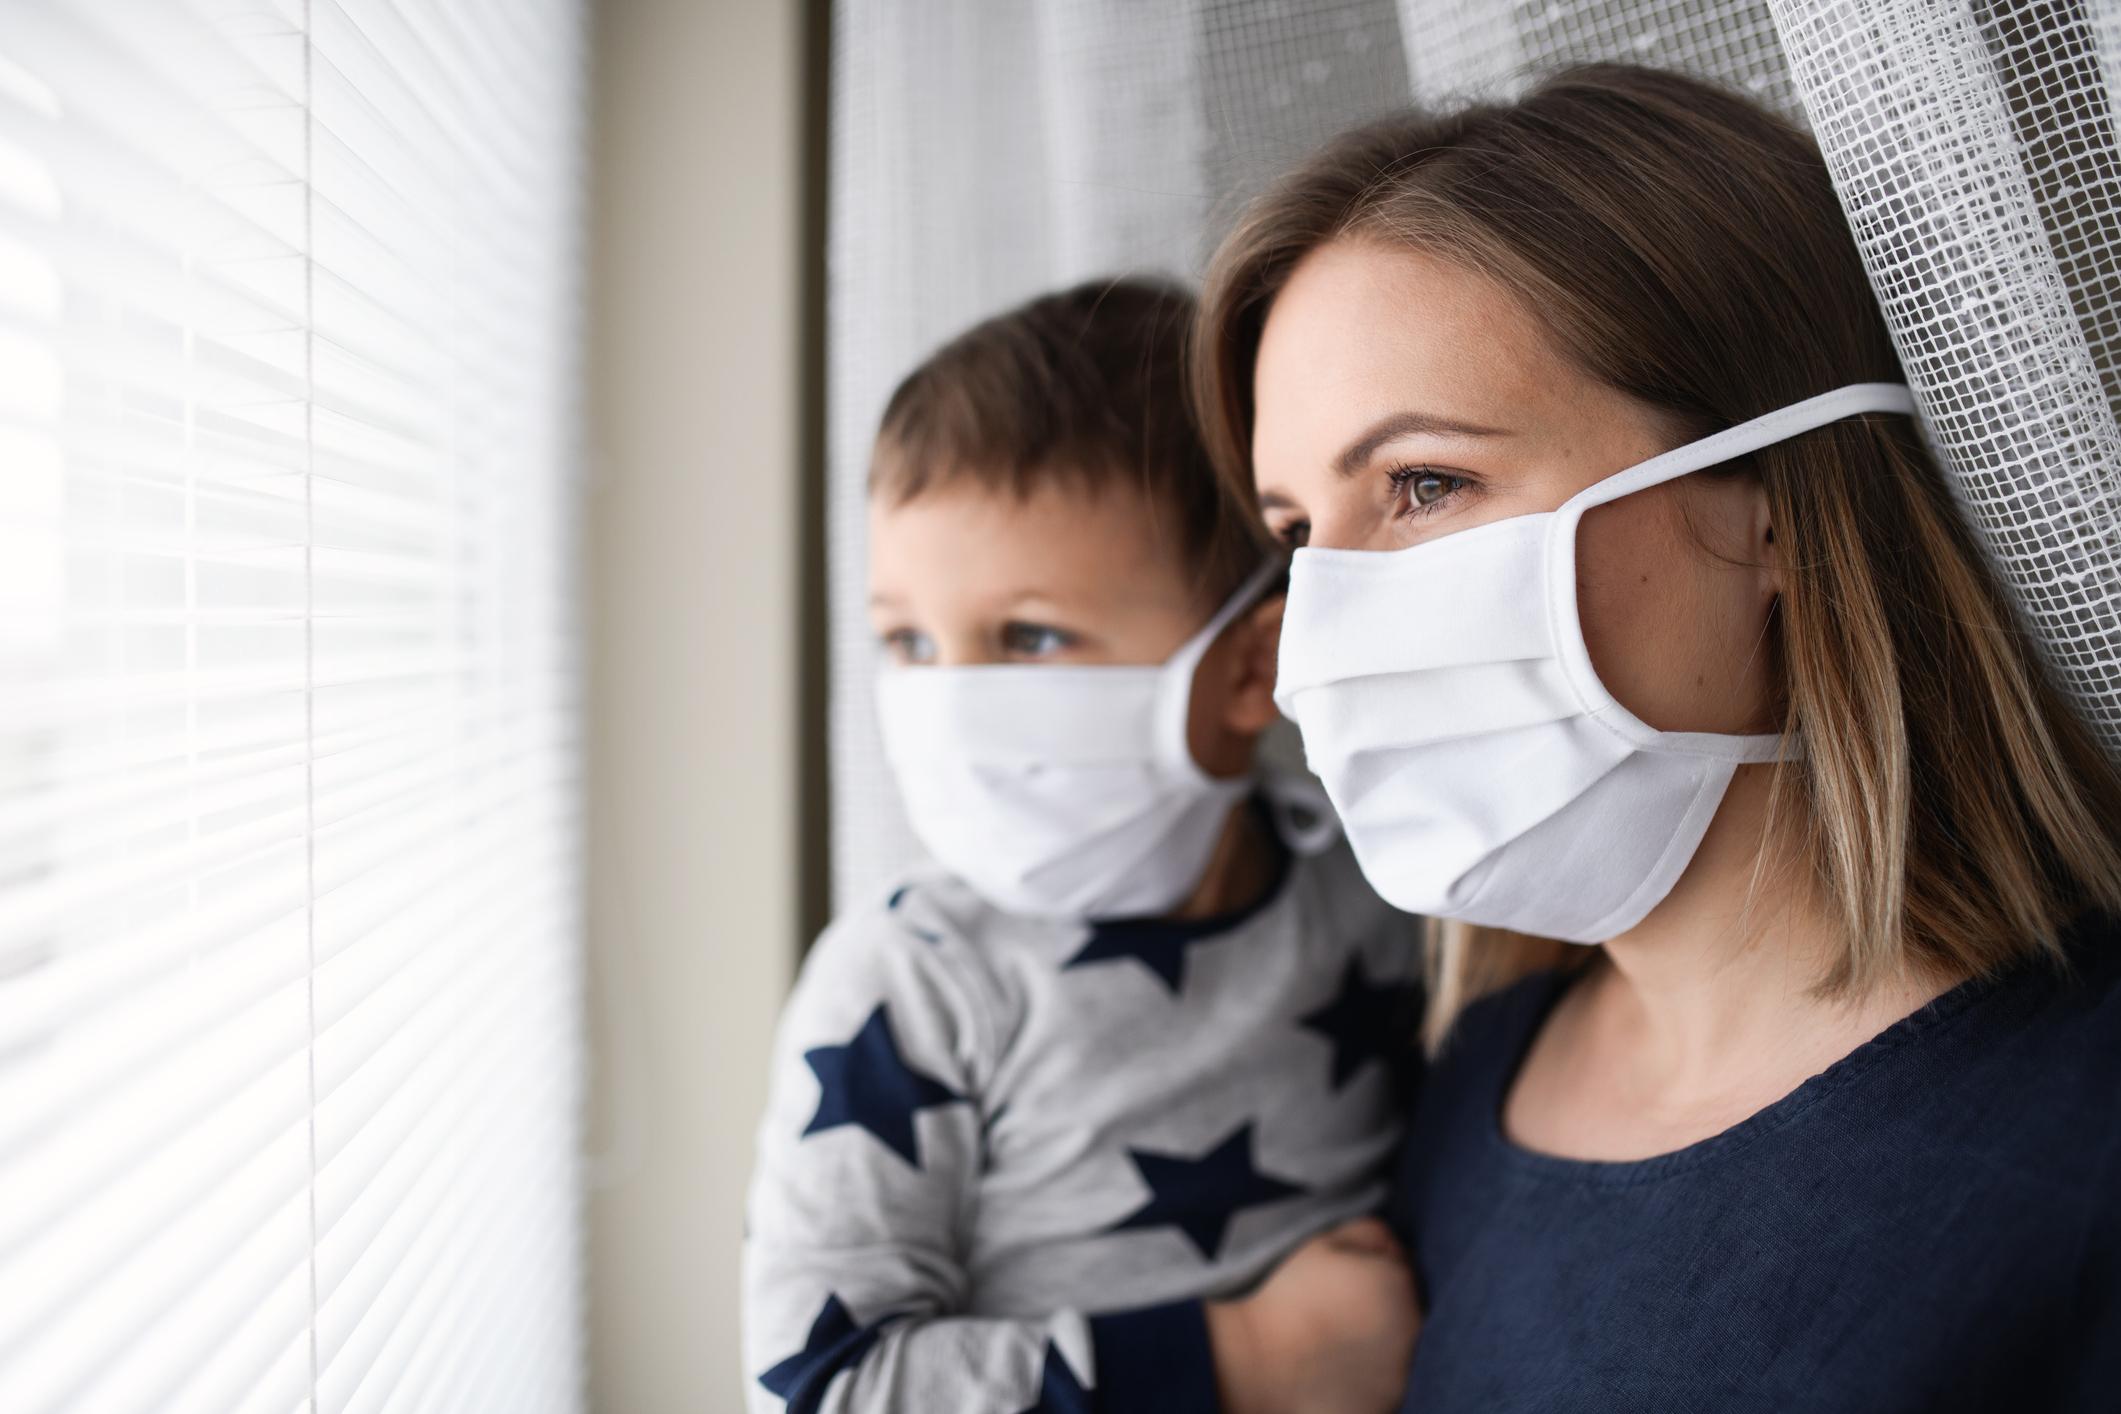 Numărul infectărilor cu SARS-CoV-2 crește alarmant. Autoritățile vor impune, din nou, carantina unde sunt multe îmbolnăviri